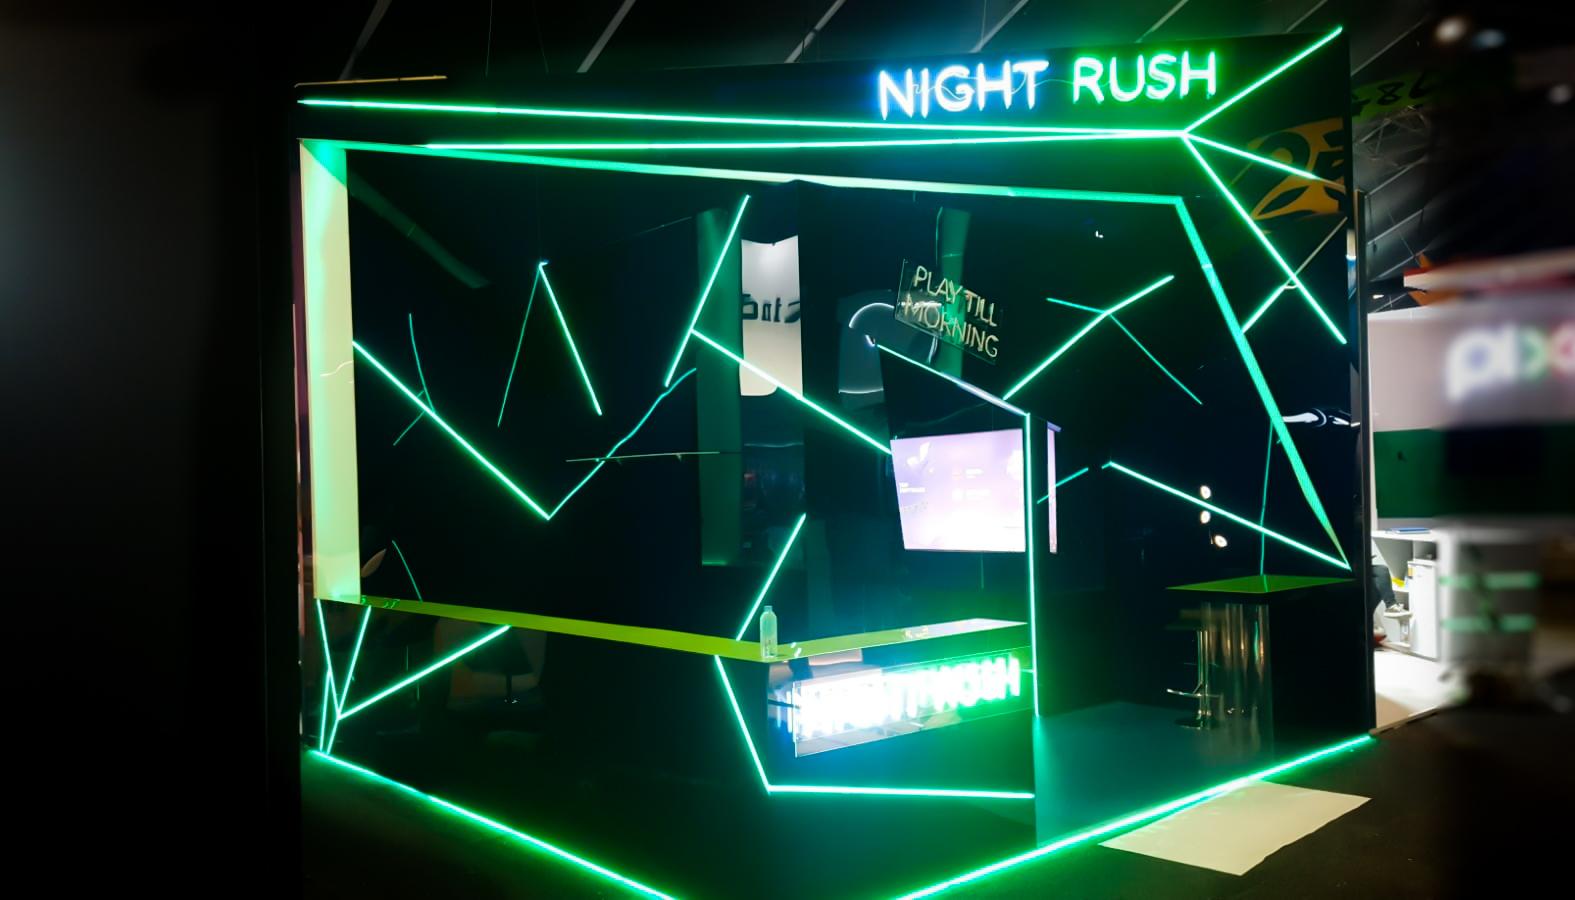 Stand Night Rush